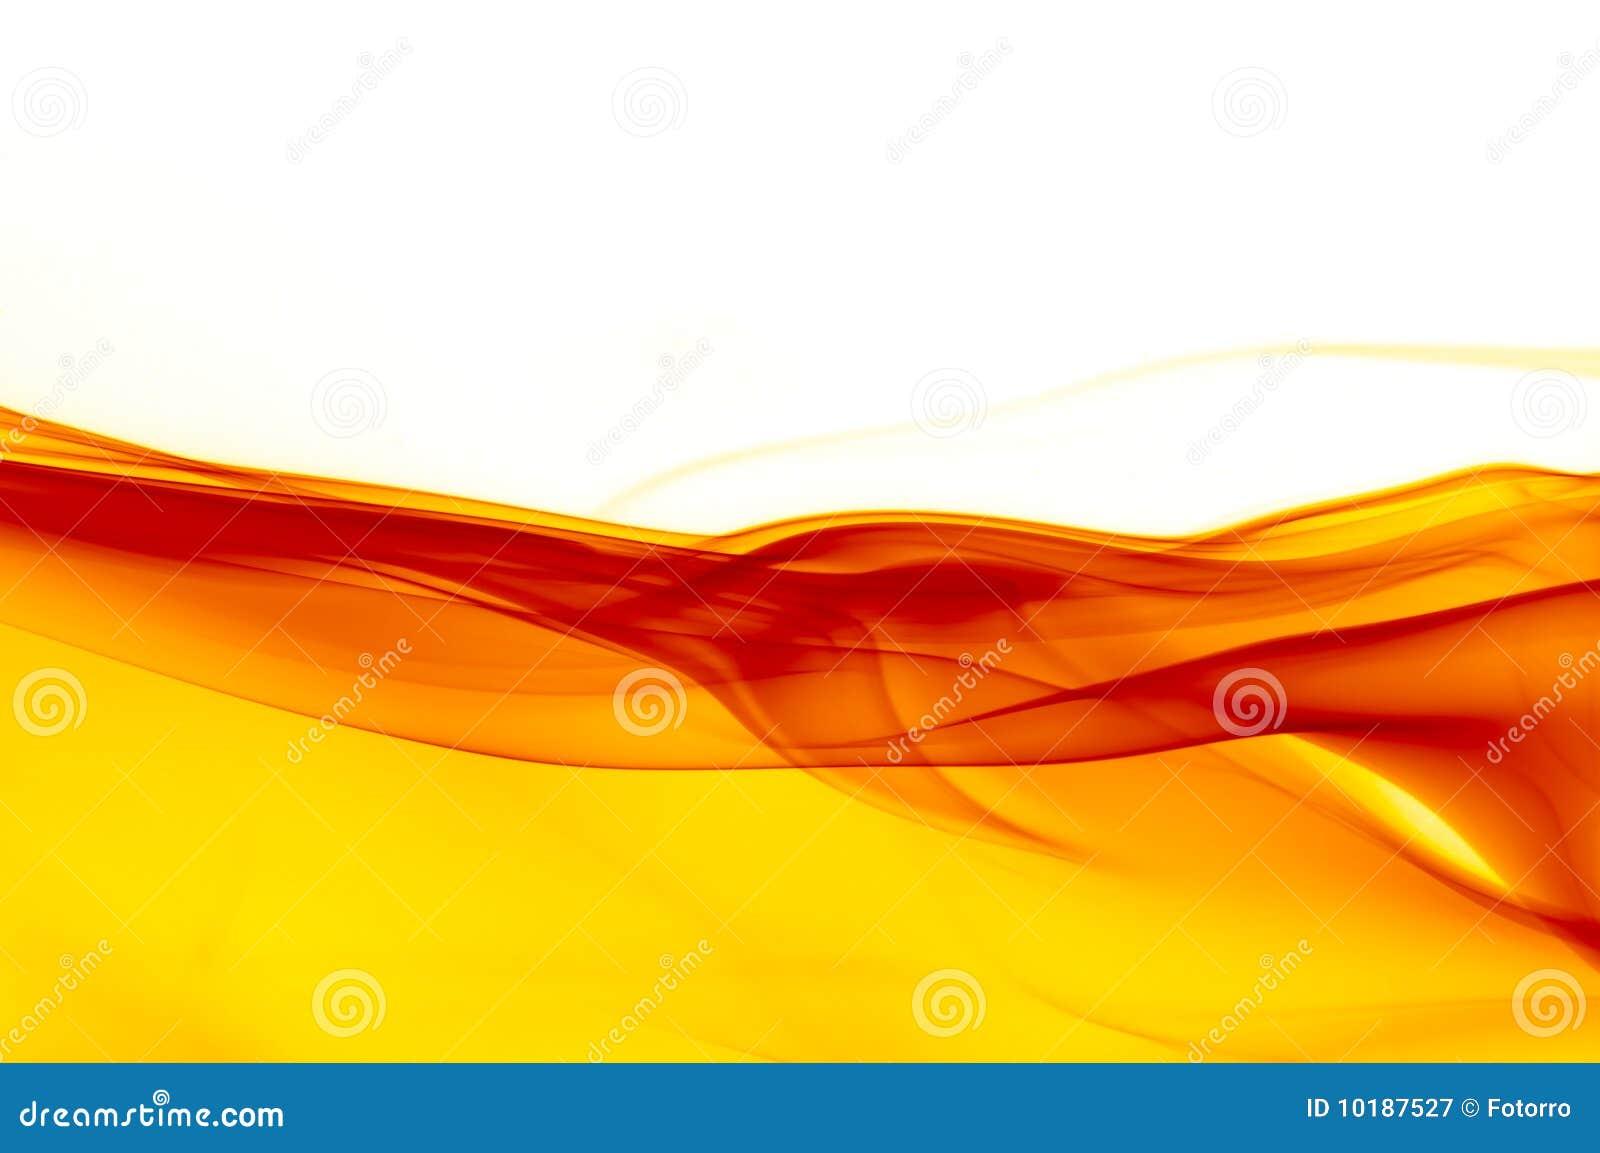 Fondo rojo, amarillo y blanco abstracto